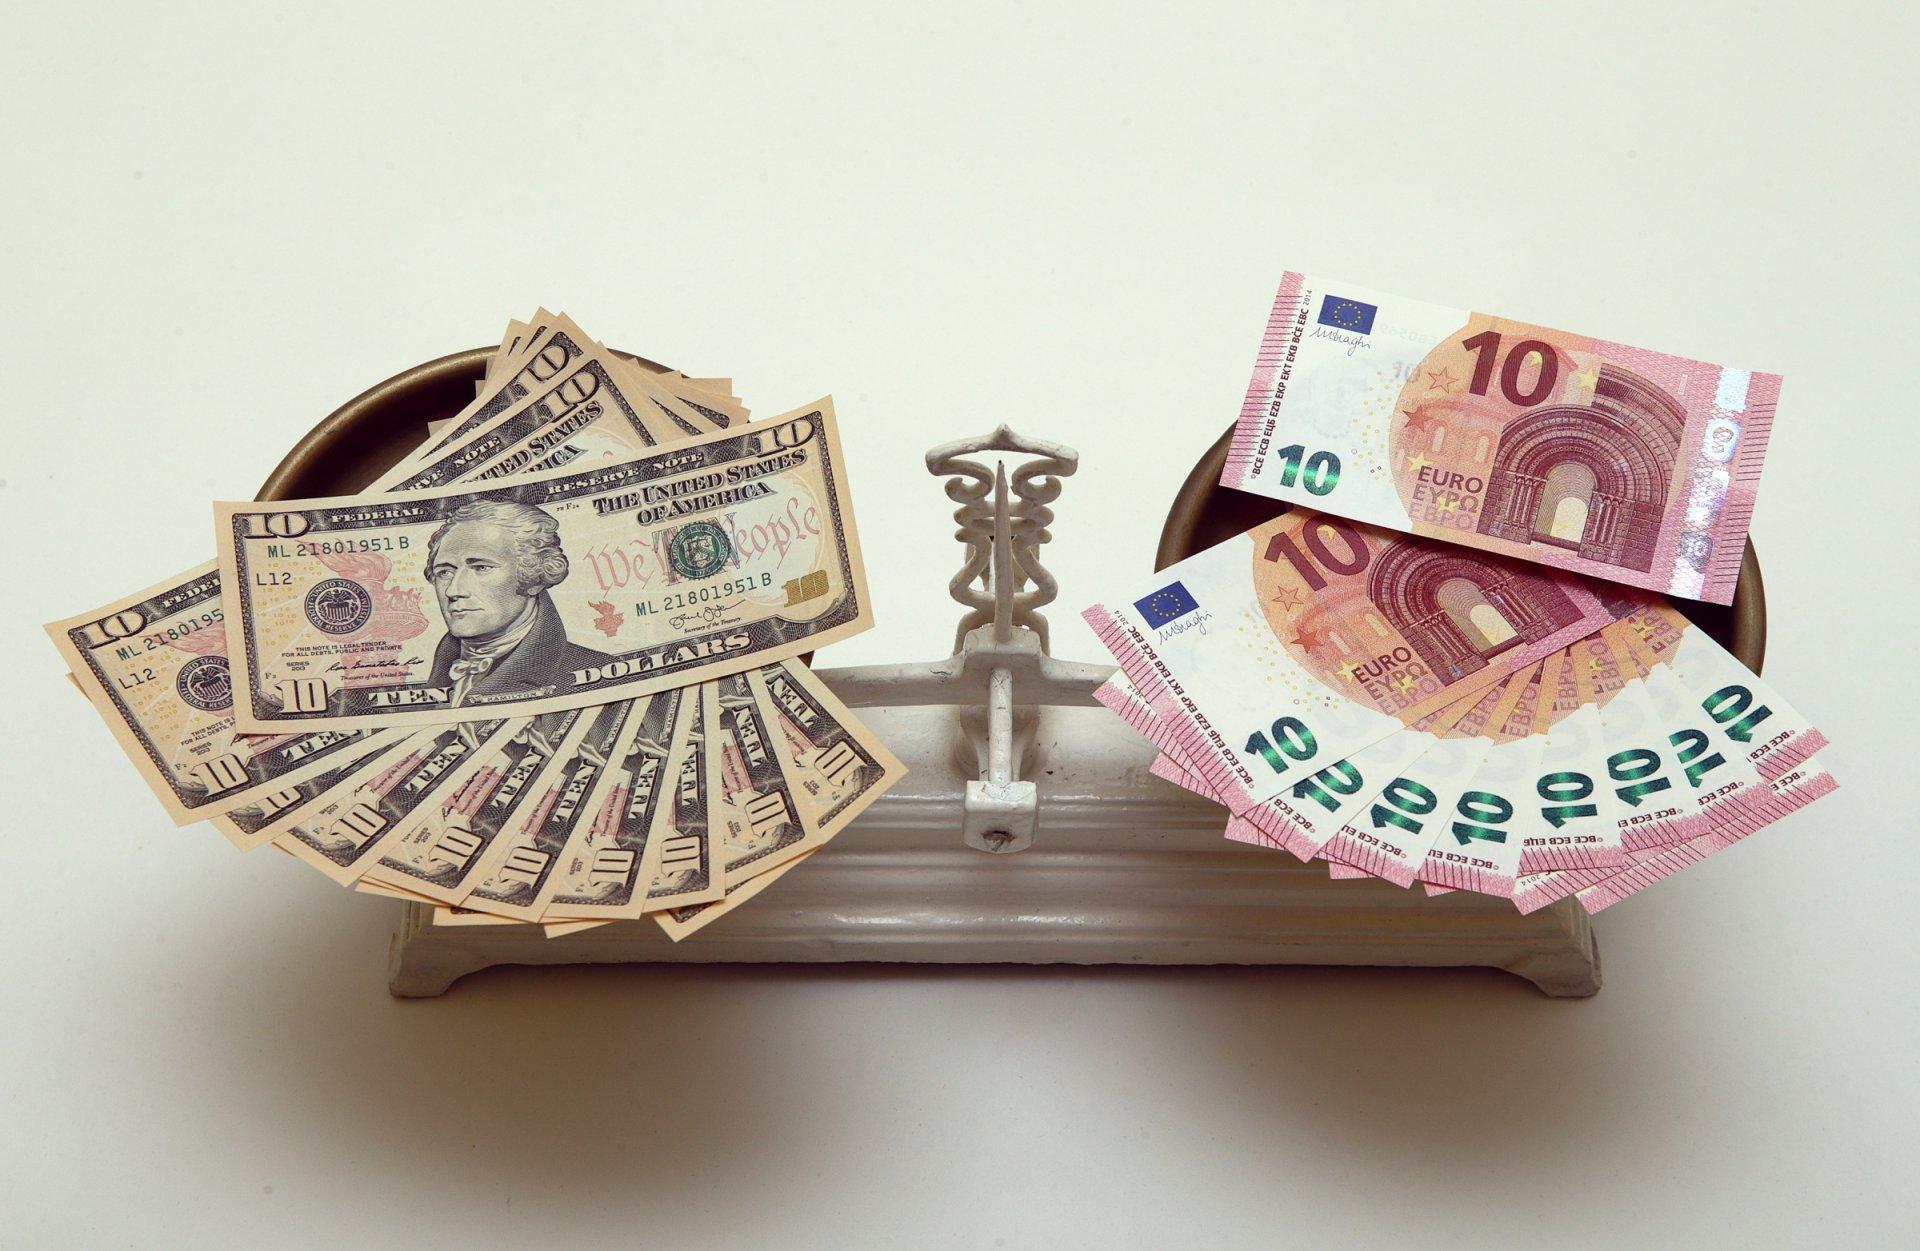 naujas uždirbant pinigus iš bitkoinų pasirinkimo sandorio priemokos apskaičiavimo modelis